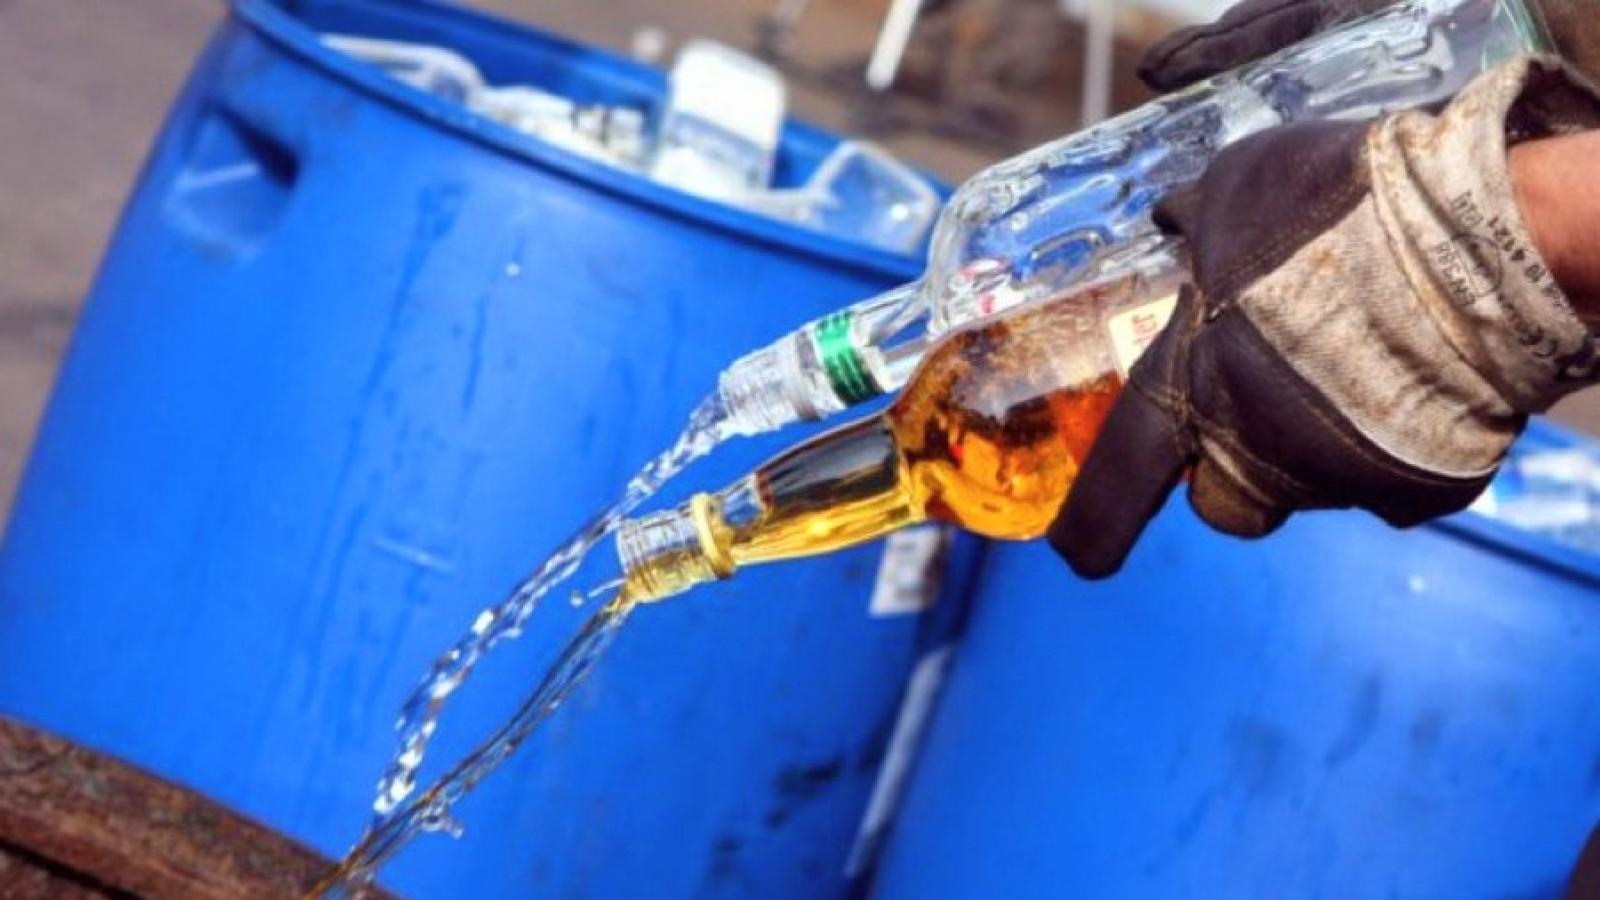 В Череповце нашли 2 тыс. бутылок контрафактного алкоголя